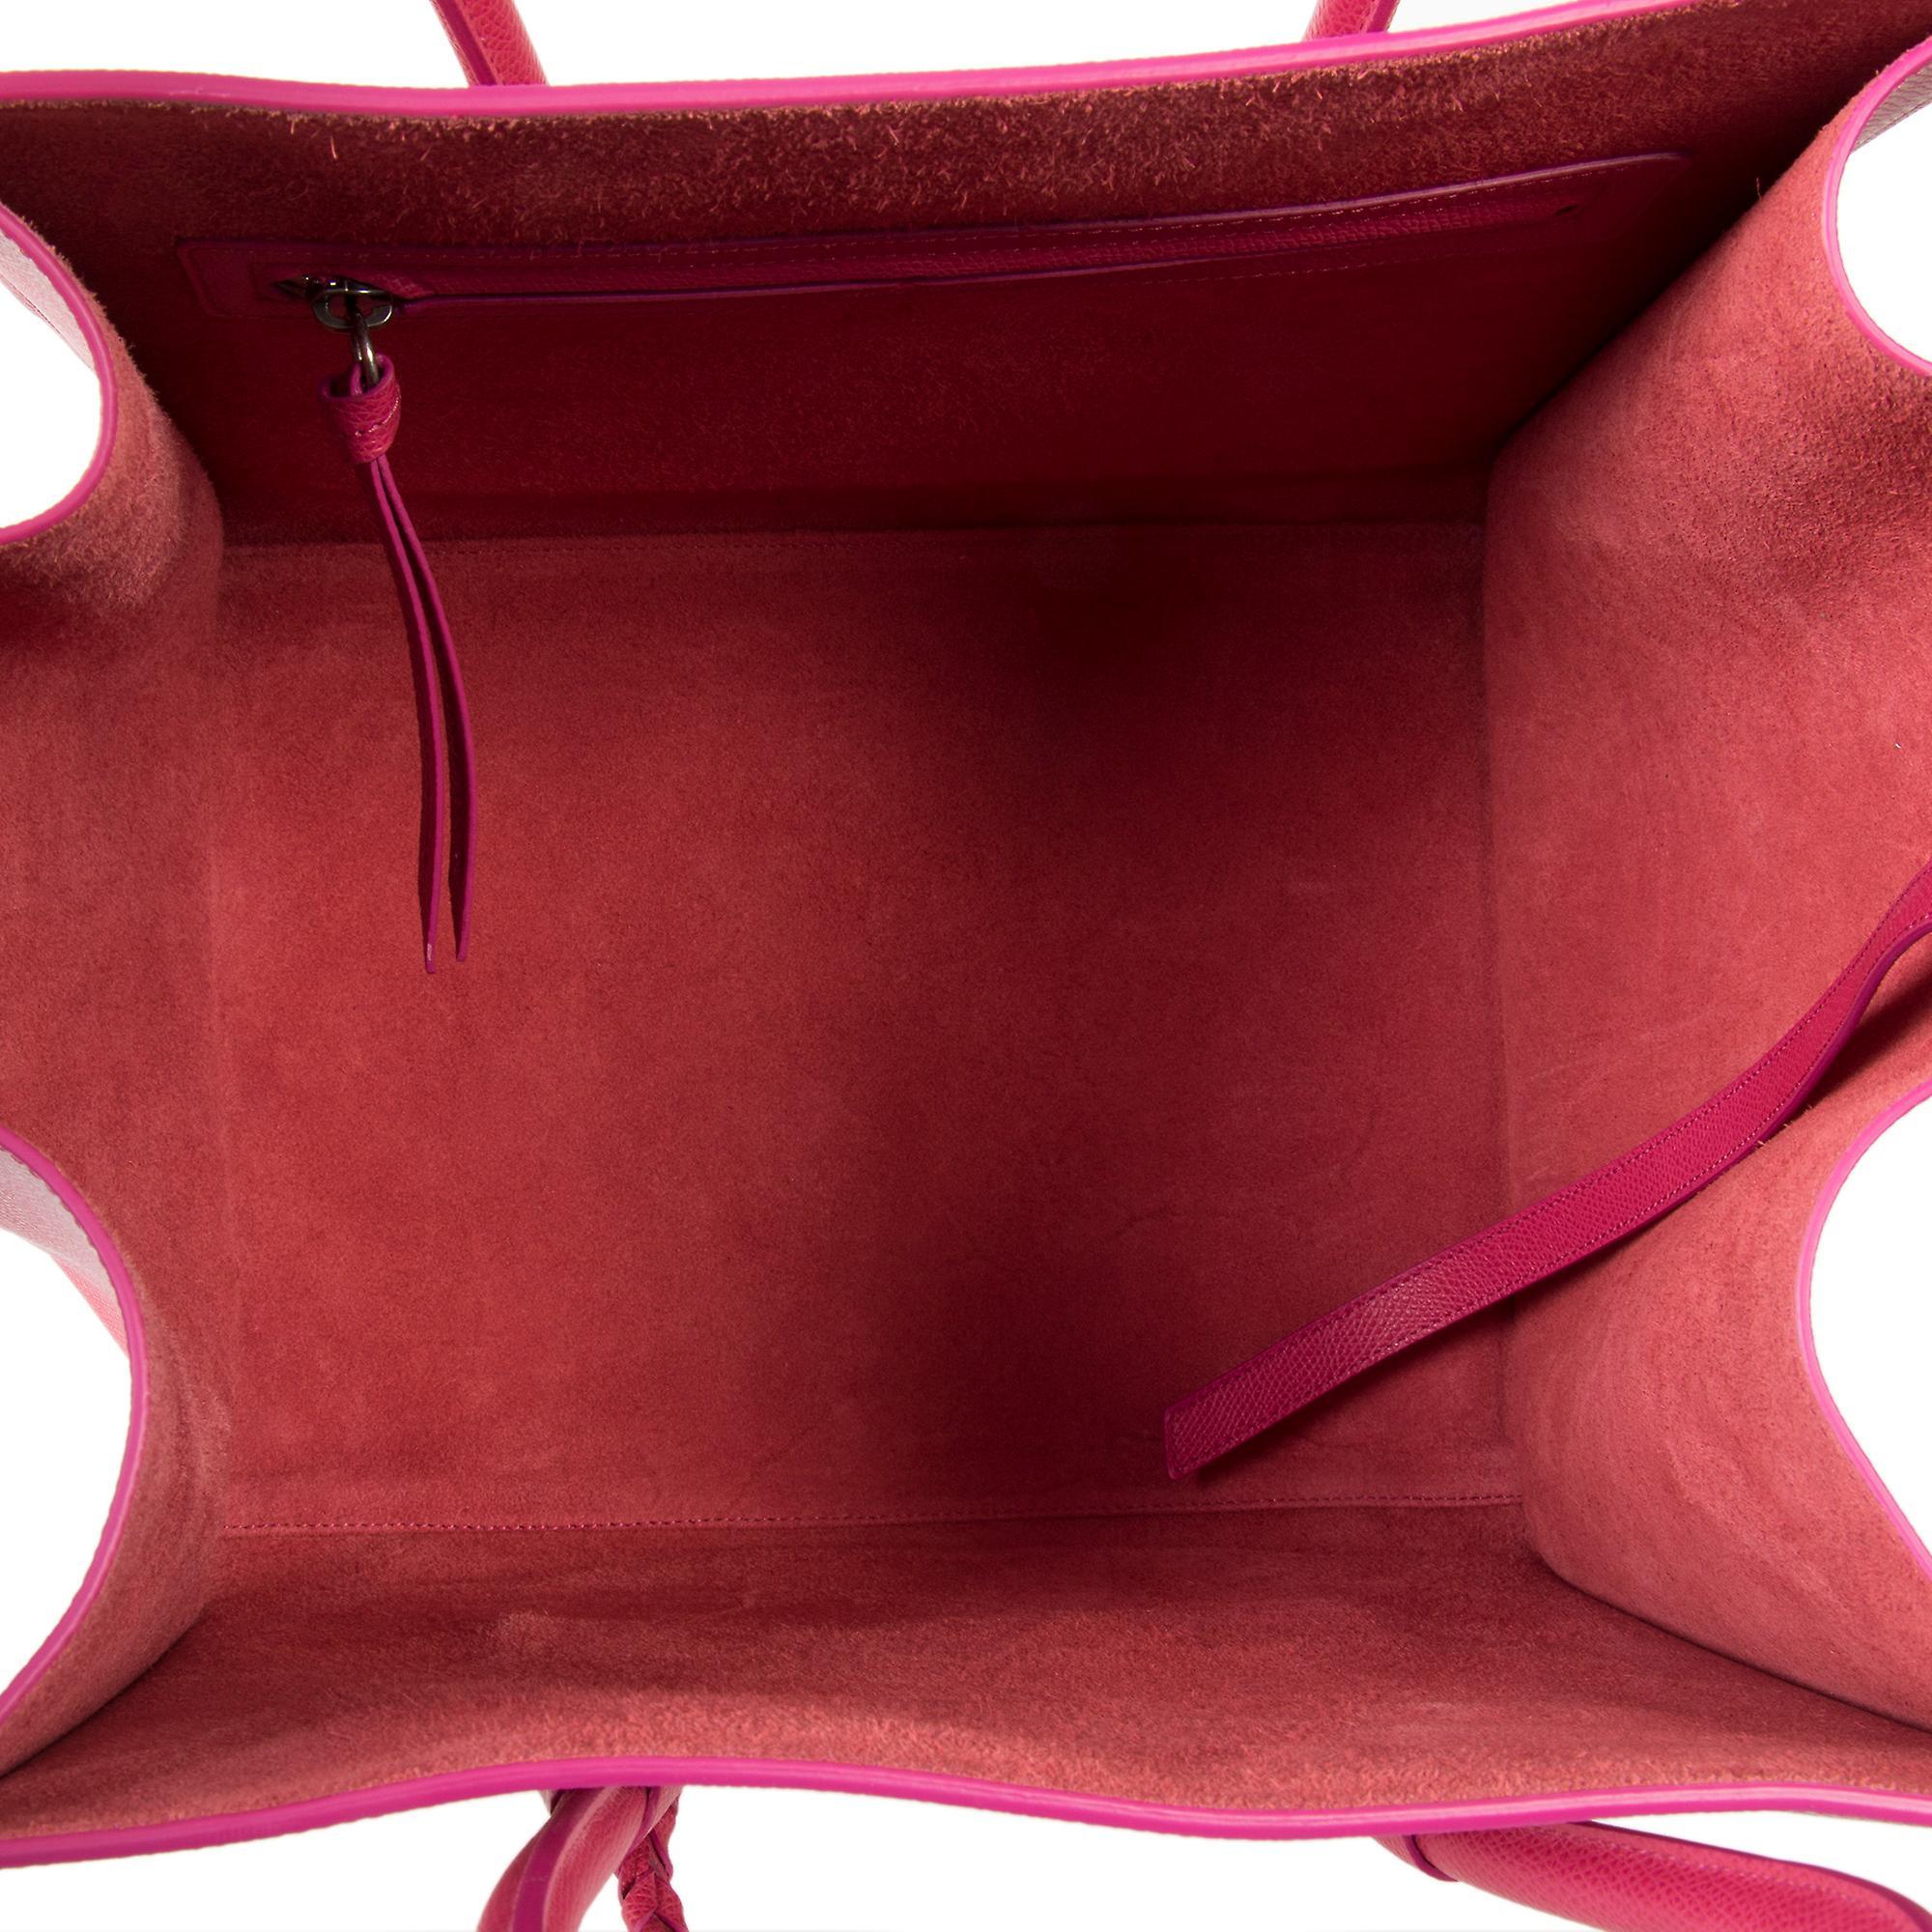 Celine Medium bagasjen Phantom posen i Fuchsia Baby kornet kalveskinn Lær